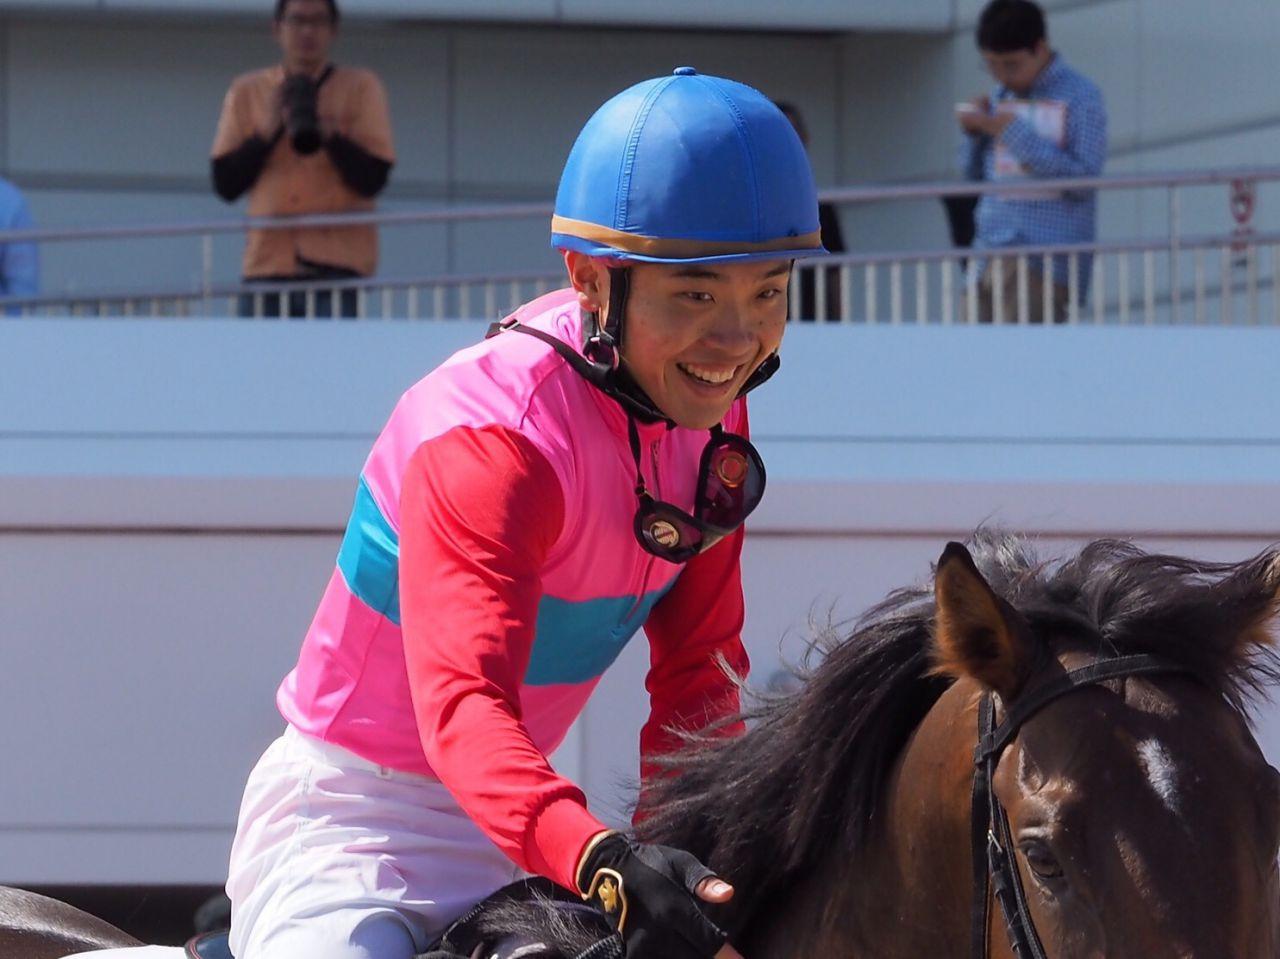 史上初の珍事 山田敬士が競走距離誤認で騎乗停止